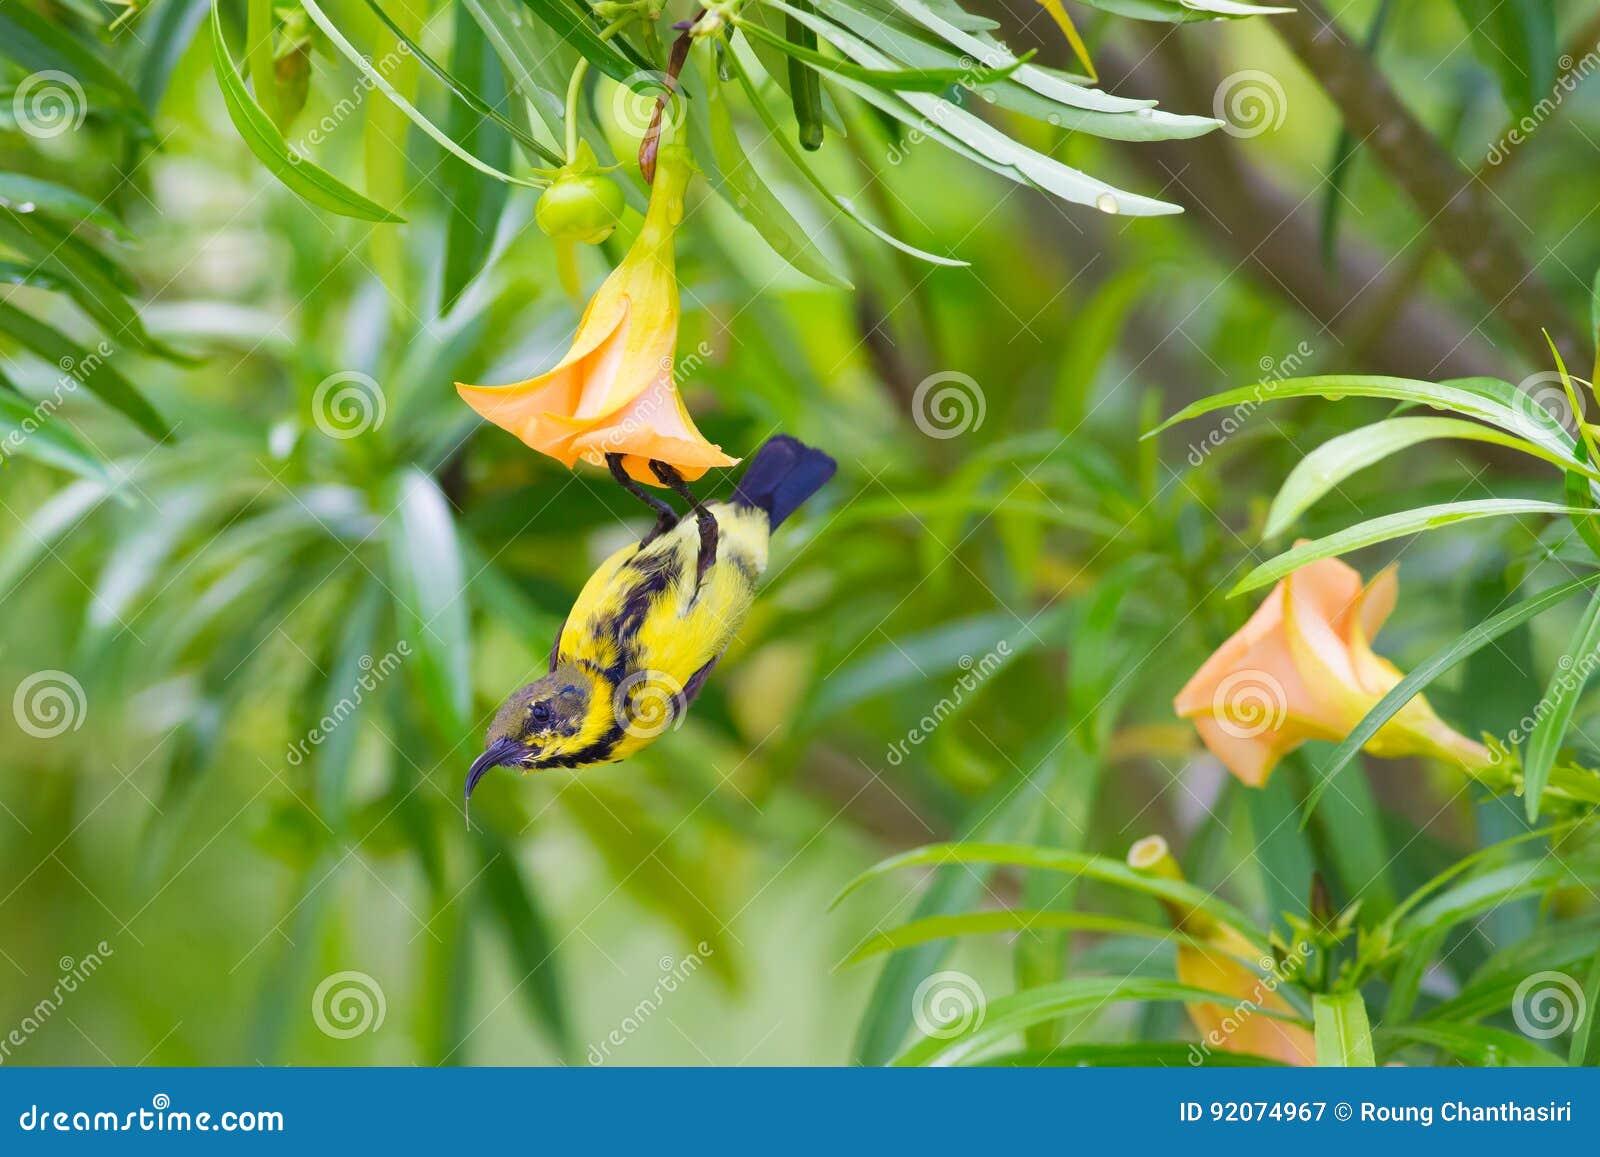 被返回的橄榄色sunbird. 迎火, 夏天.